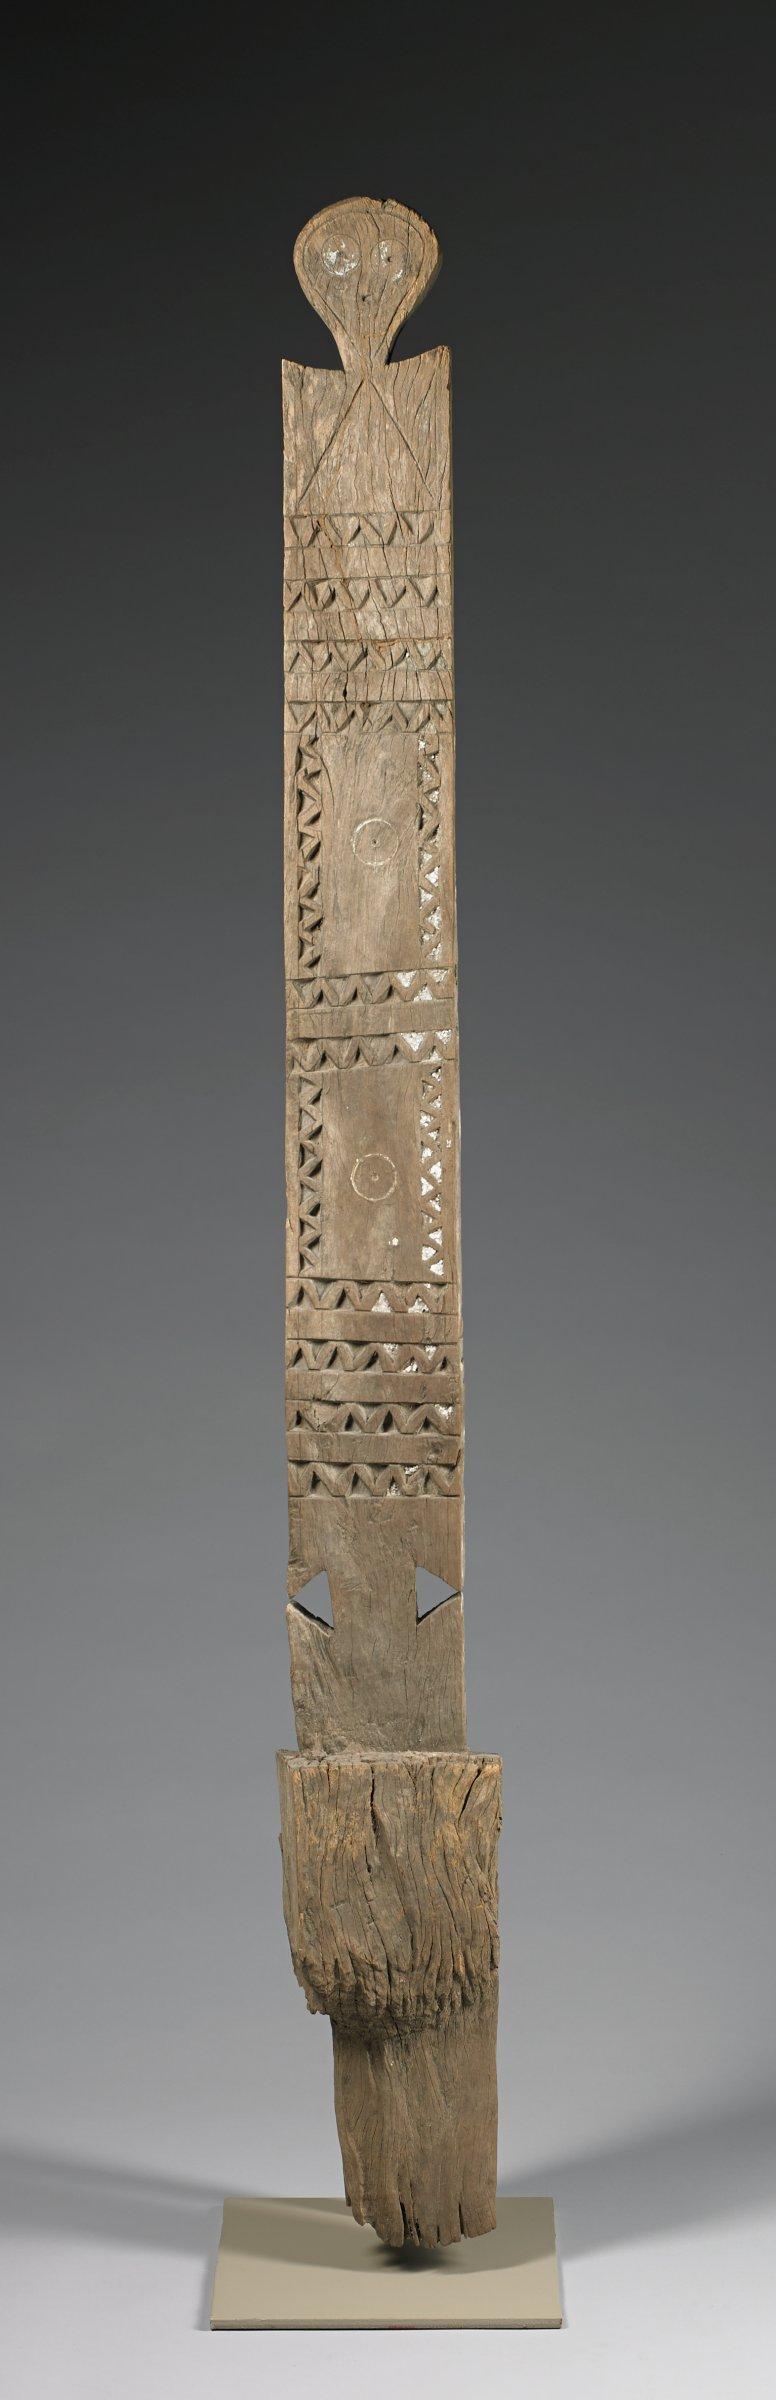 Funerary Post (Kigango), Giriama people, Mijikenda group, Kenya, African, wood